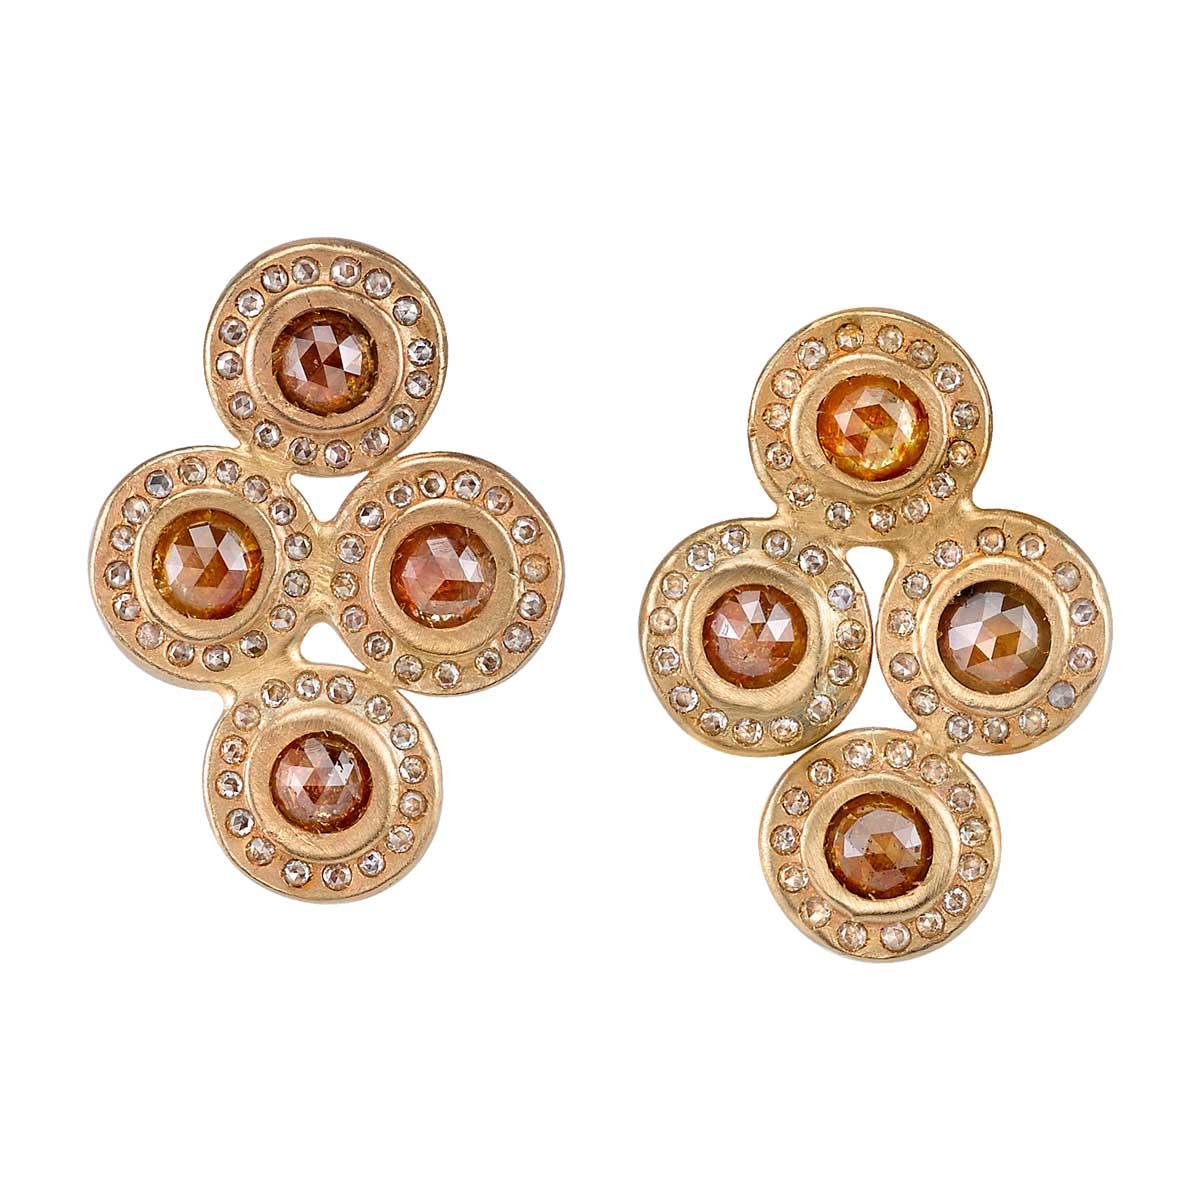 Large-Center-Rose-Earrings-Order-#001-C2_4-2069886.jpg